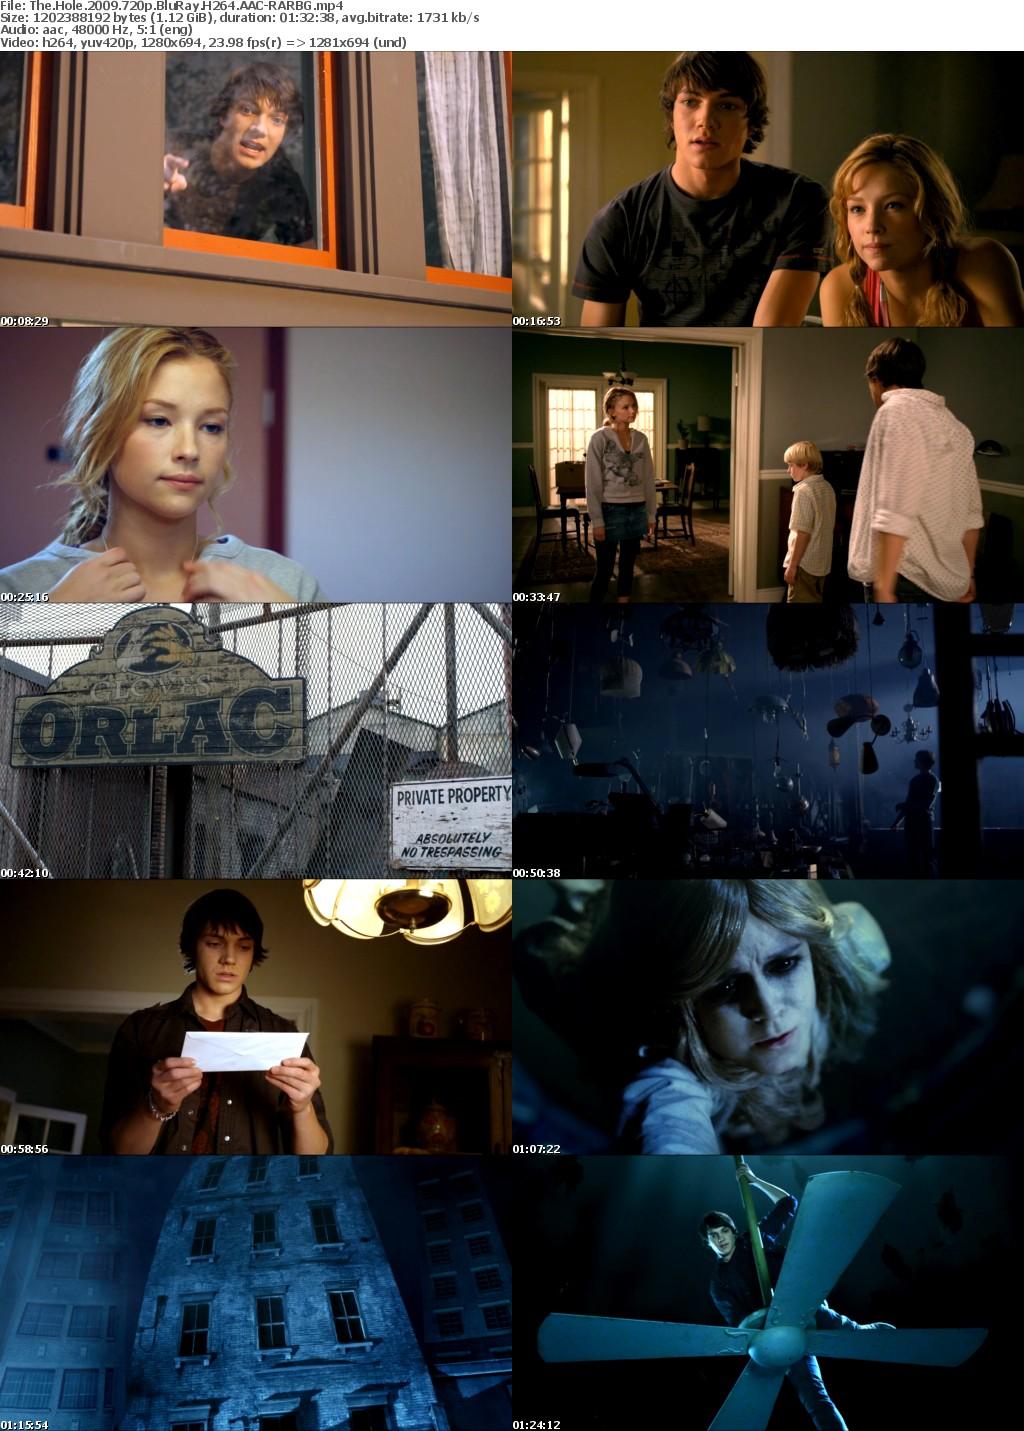 The Hole (2009) 720p BluRay H264 AAC-RARBG